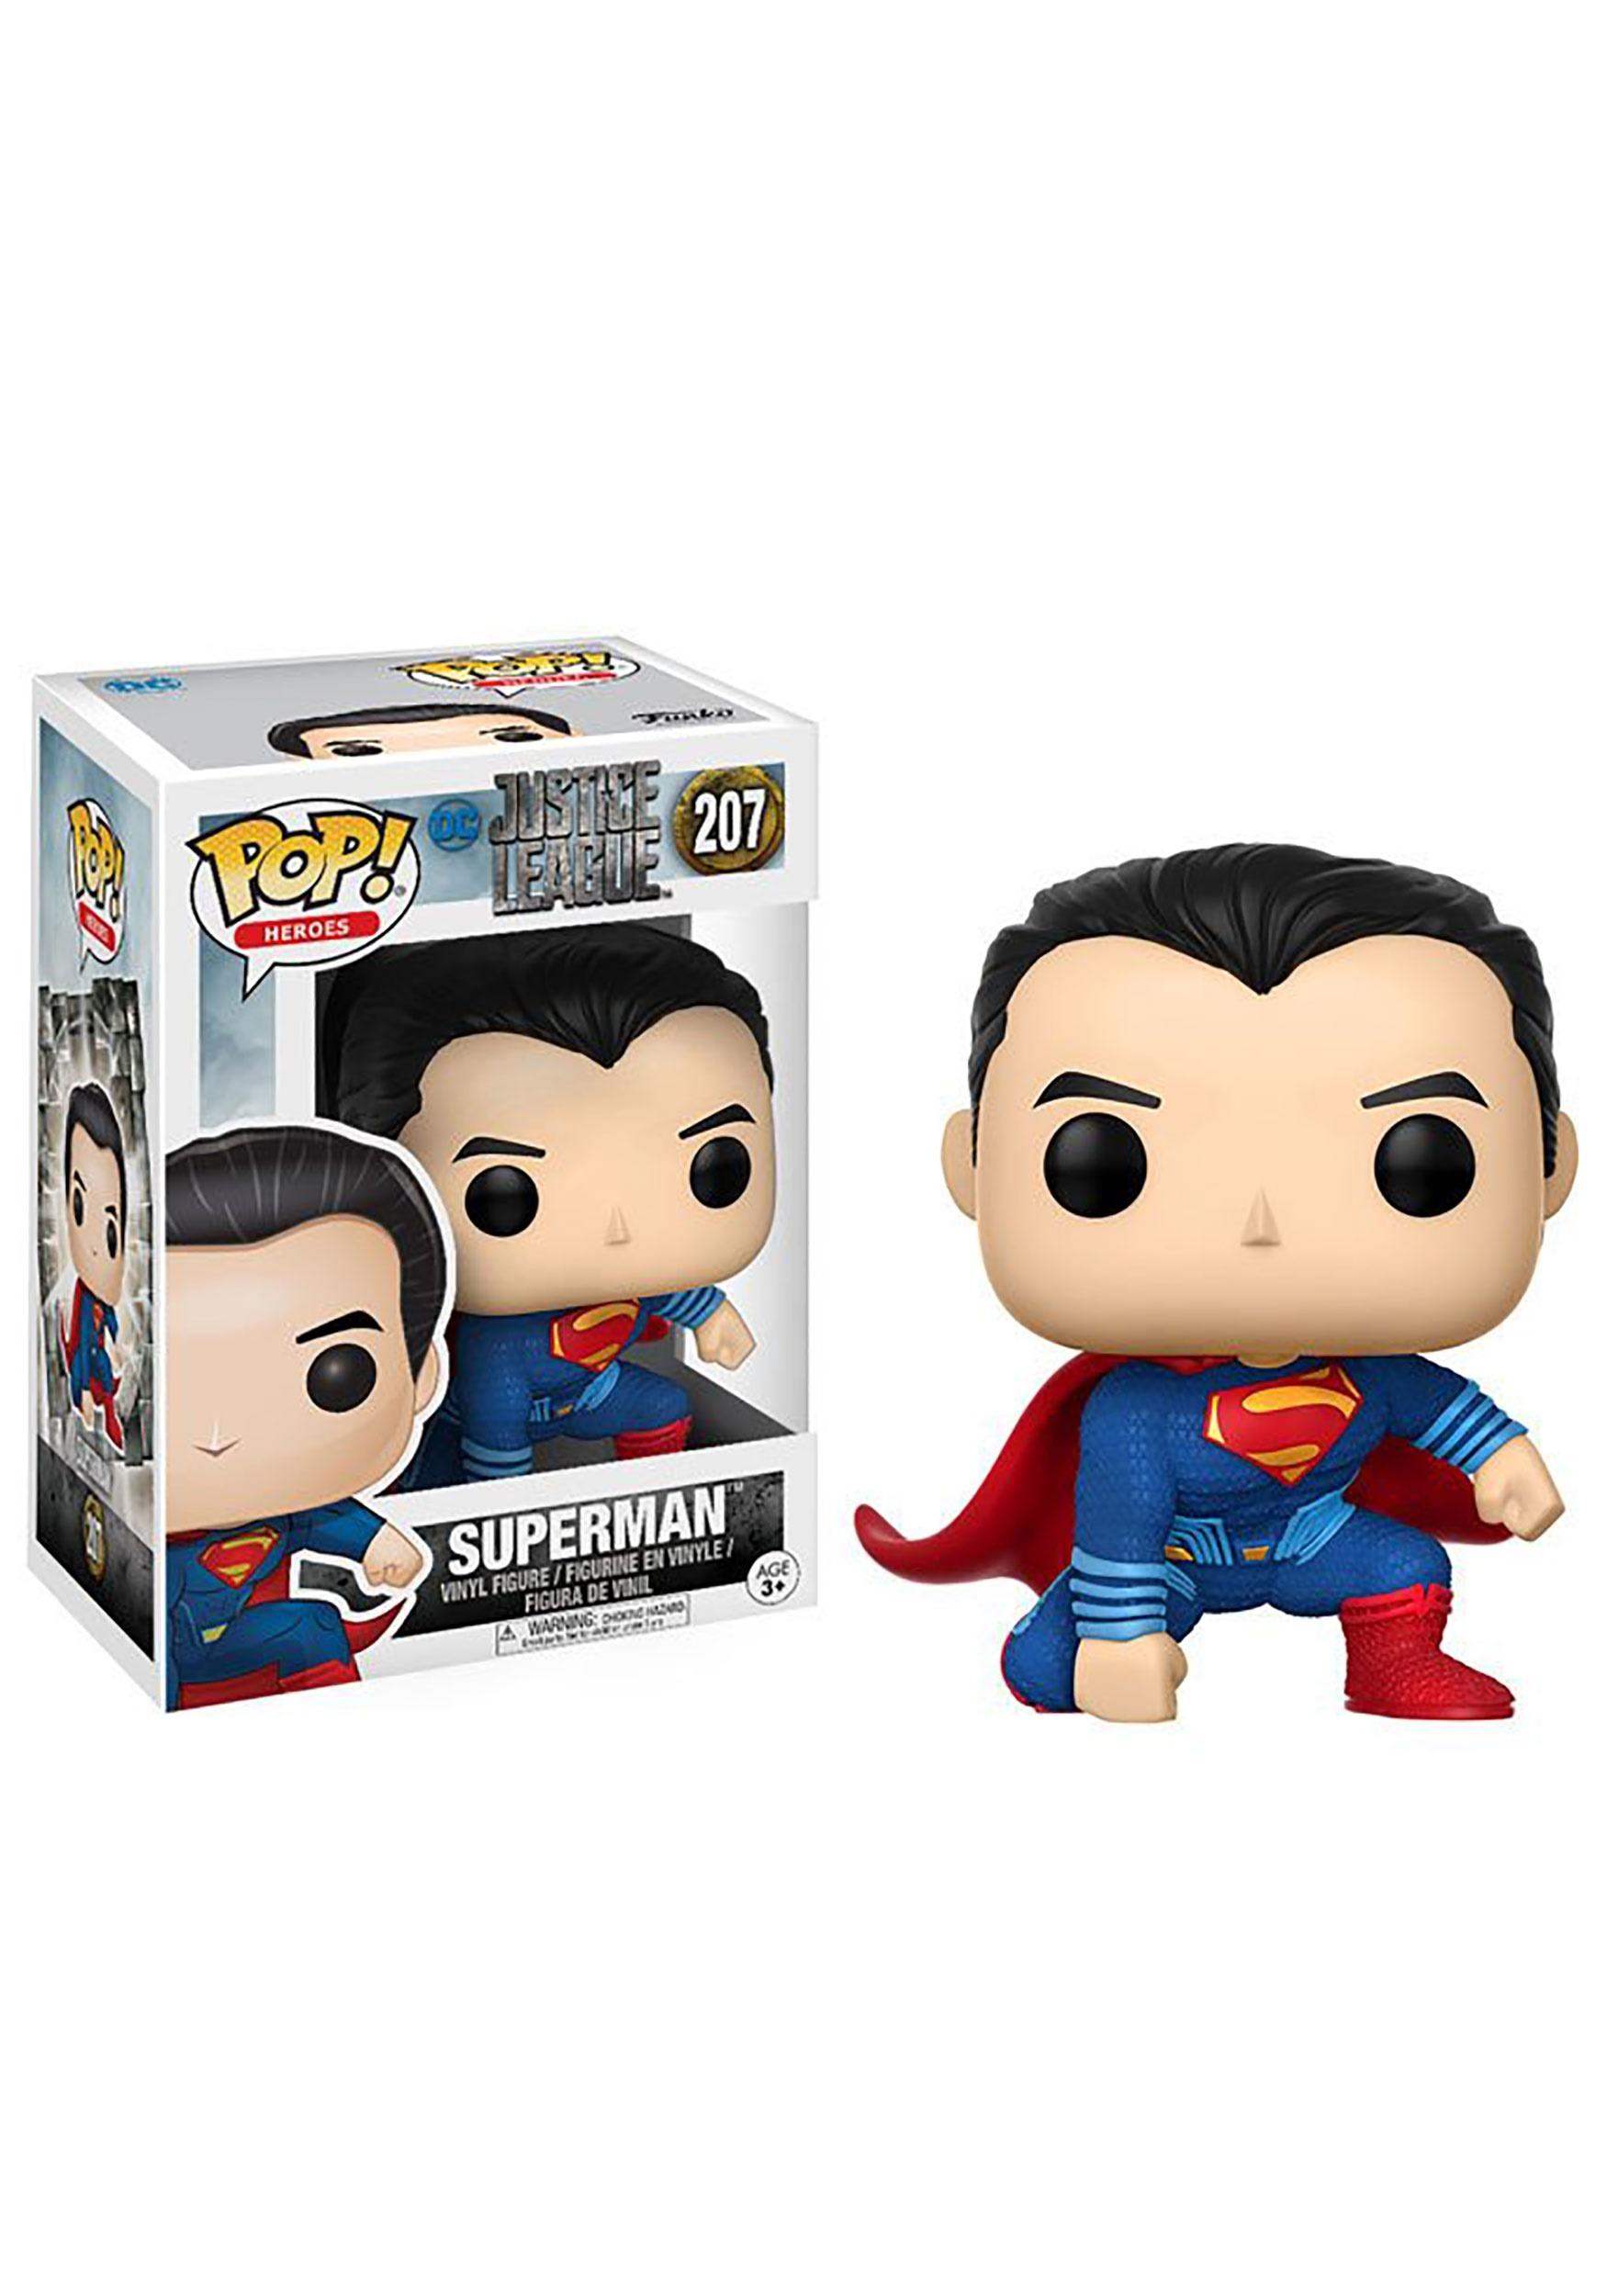 POP Movies: DC - Justice League- Superman Vinyl Figure FN13704